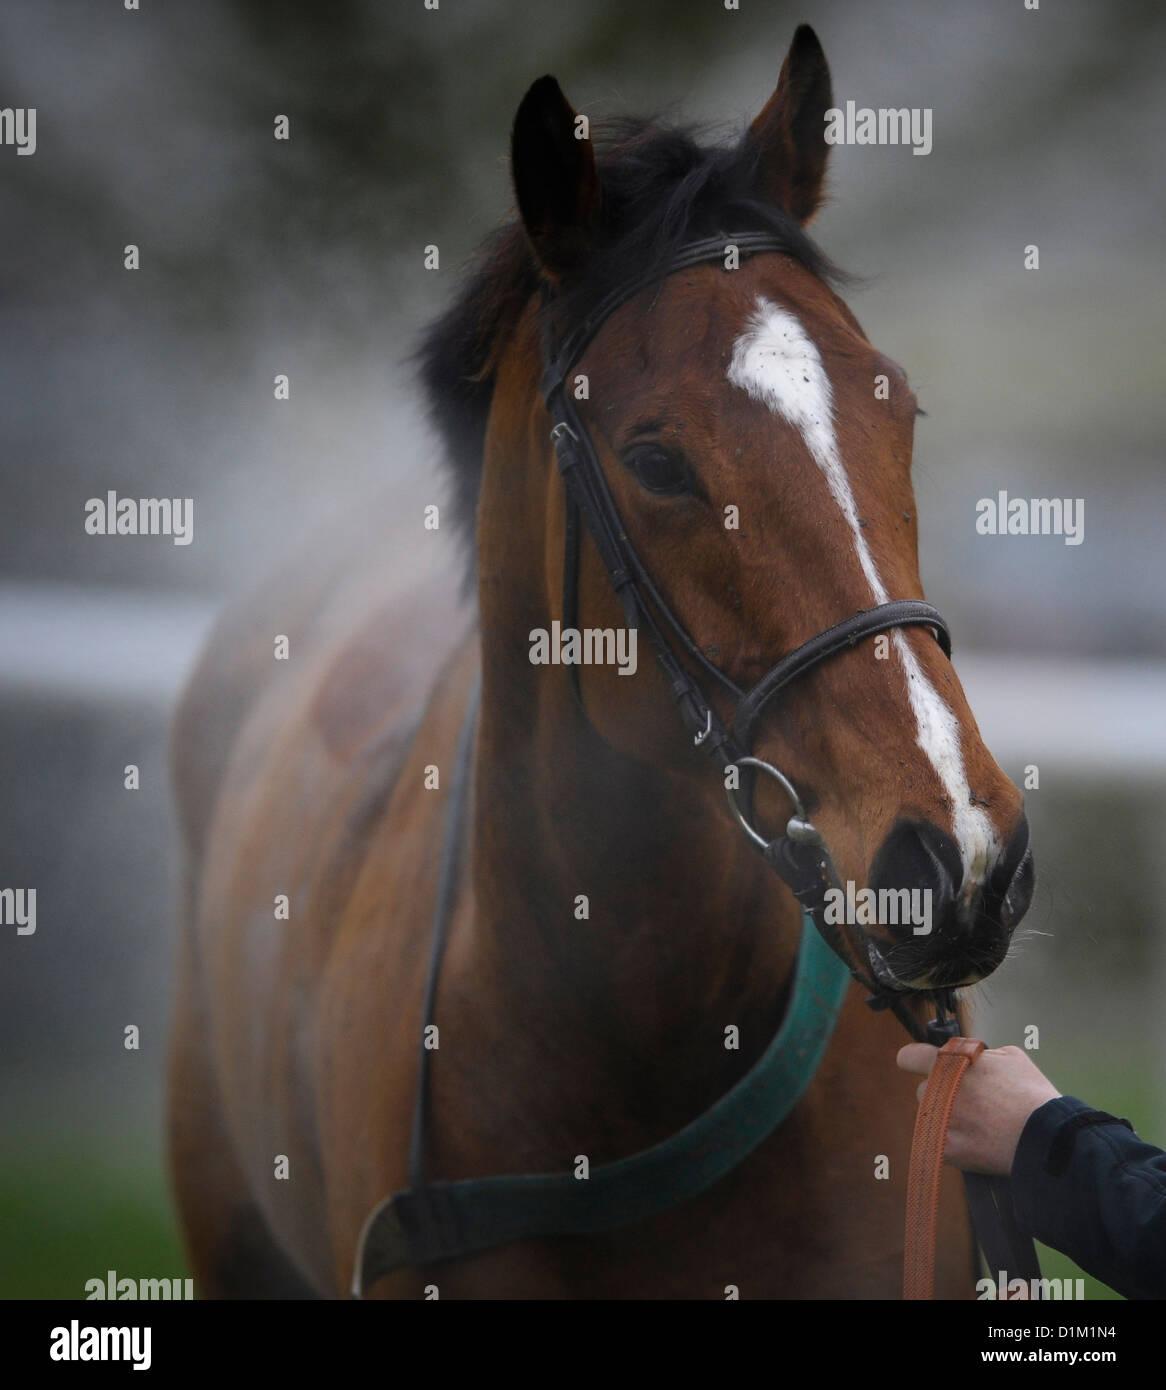 L'ultima riunione a Folkestone Racecourse, Westenhanger, Kent, XVIII Dicembre 2012. Vapore sorge da un cavallo Immagini Stock